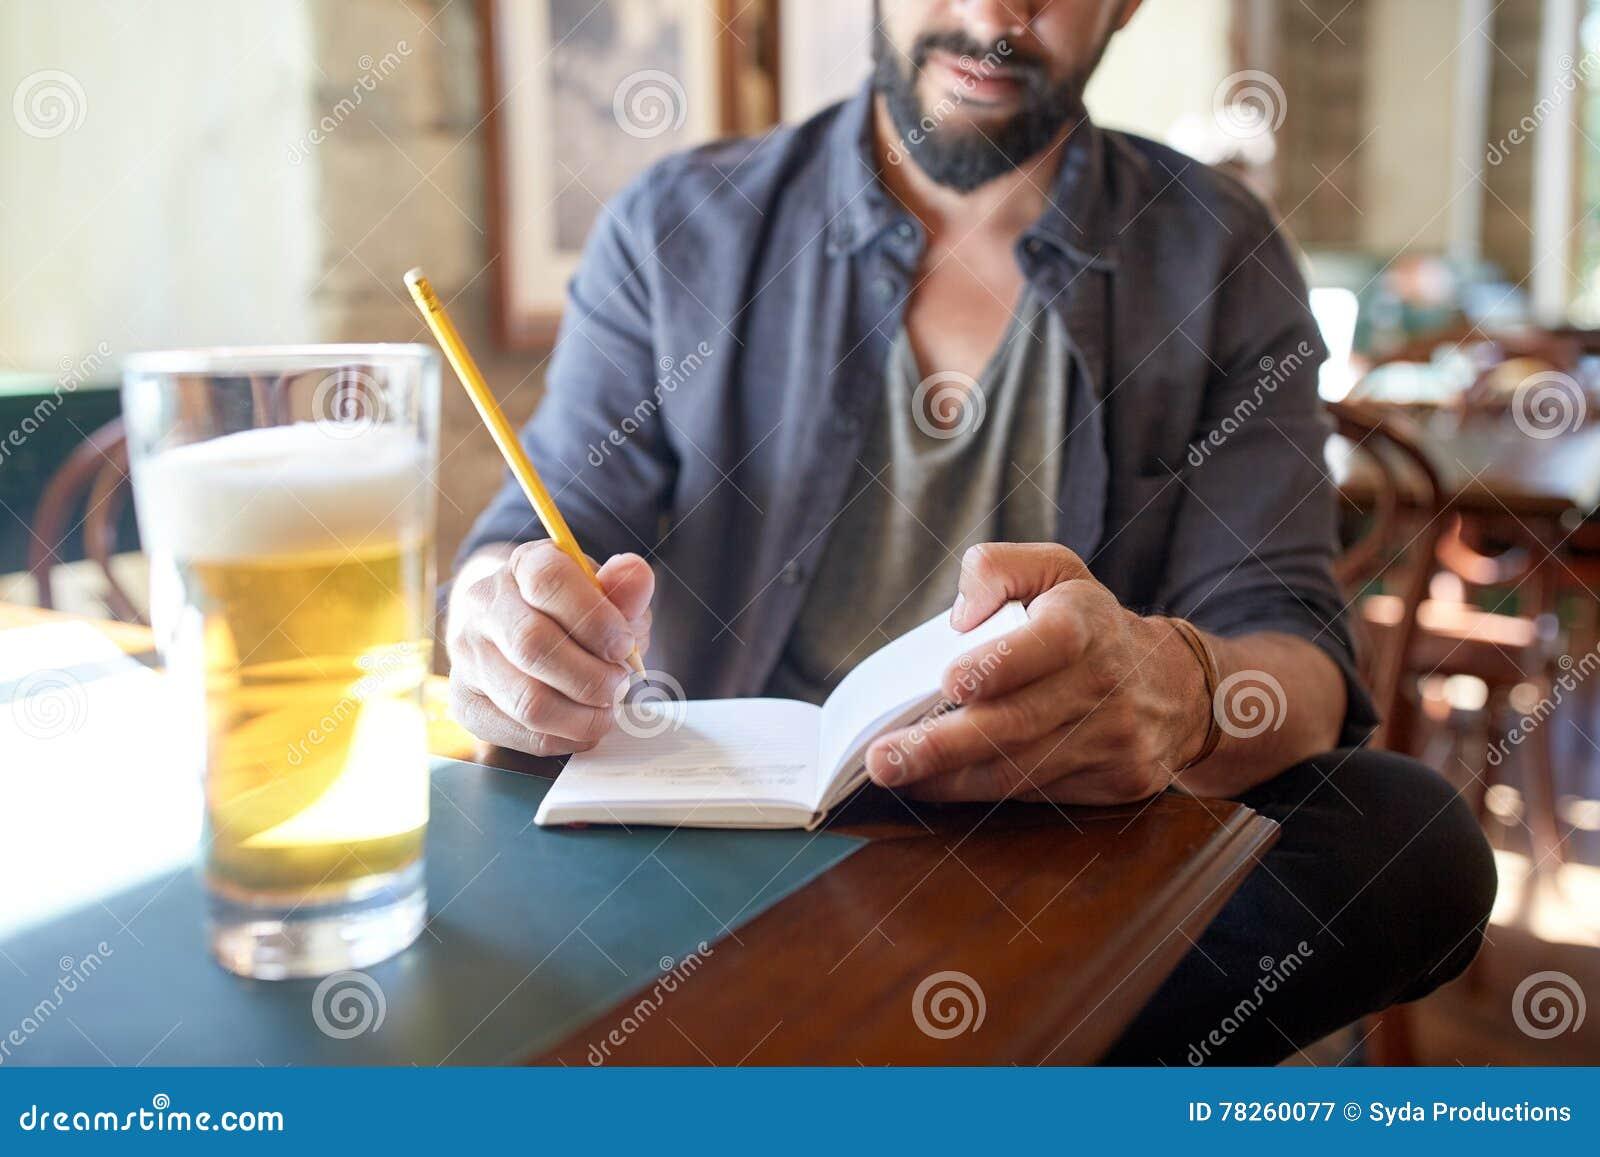 Κλείστε επάνω του ατόμου με την μπύρα και του σημειωματάριου στο μπαρ